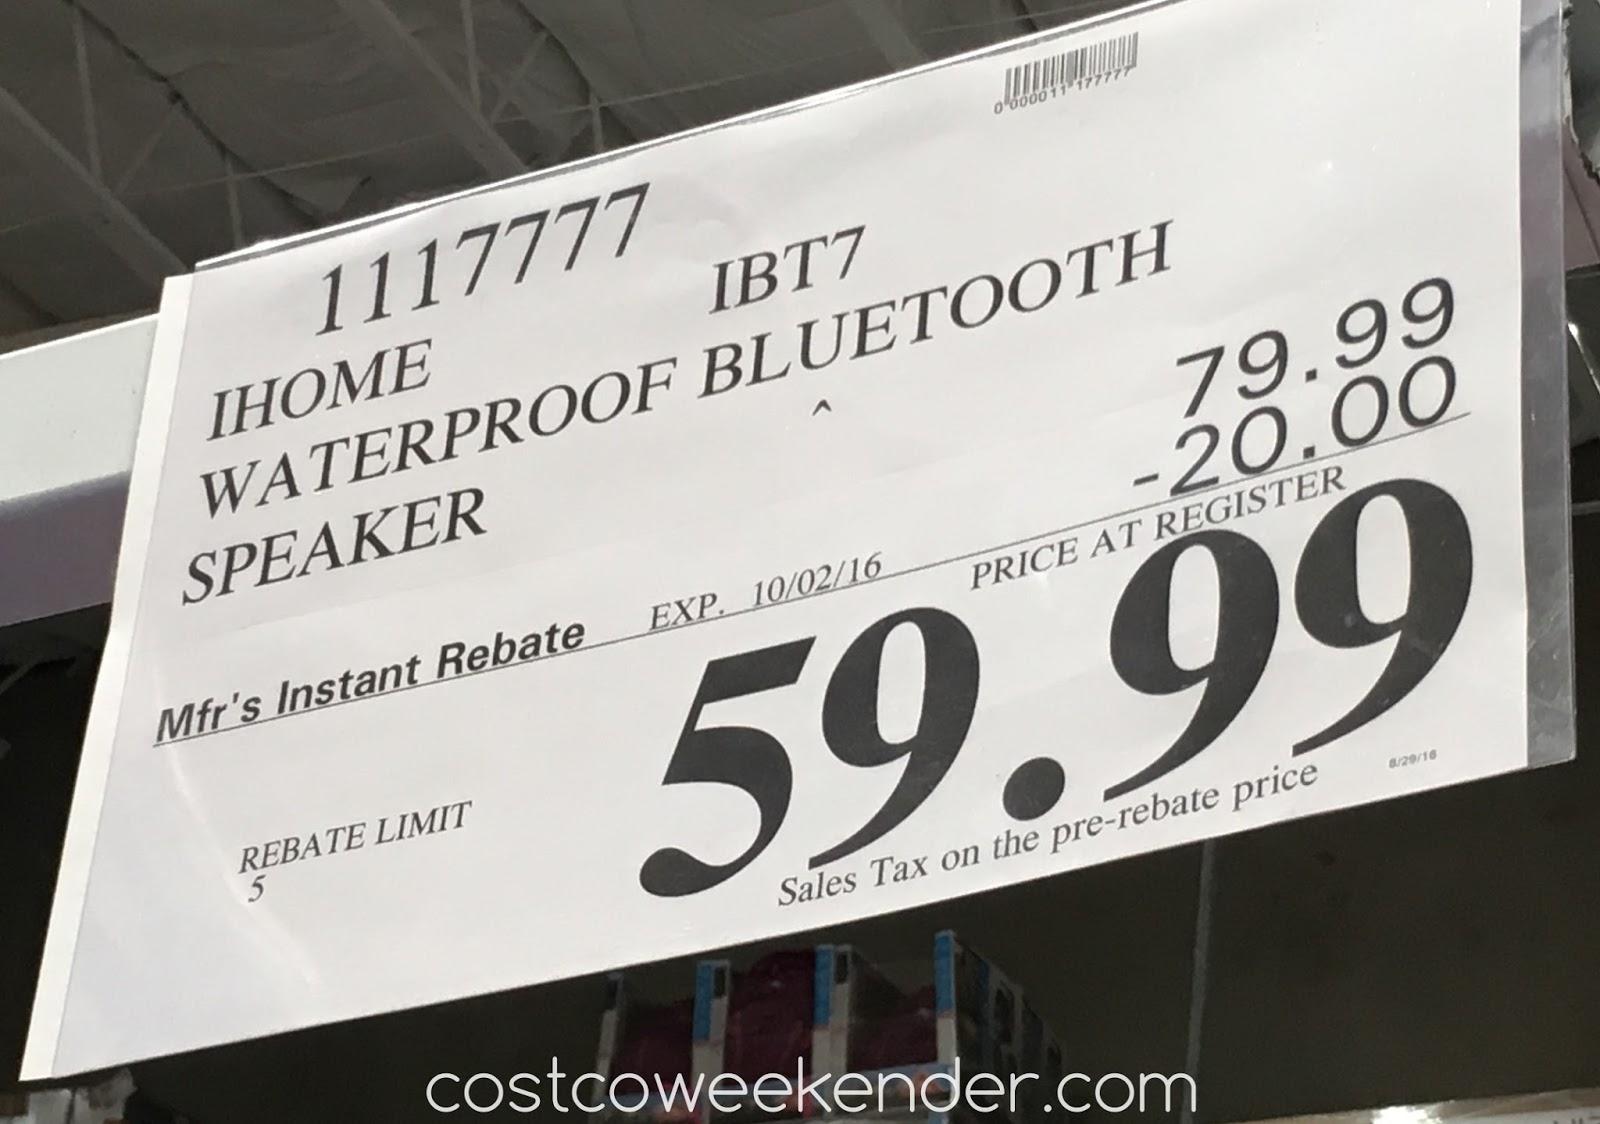 iHome iBT7 Waterproof Bluetooth Speaker | Costco Weekender